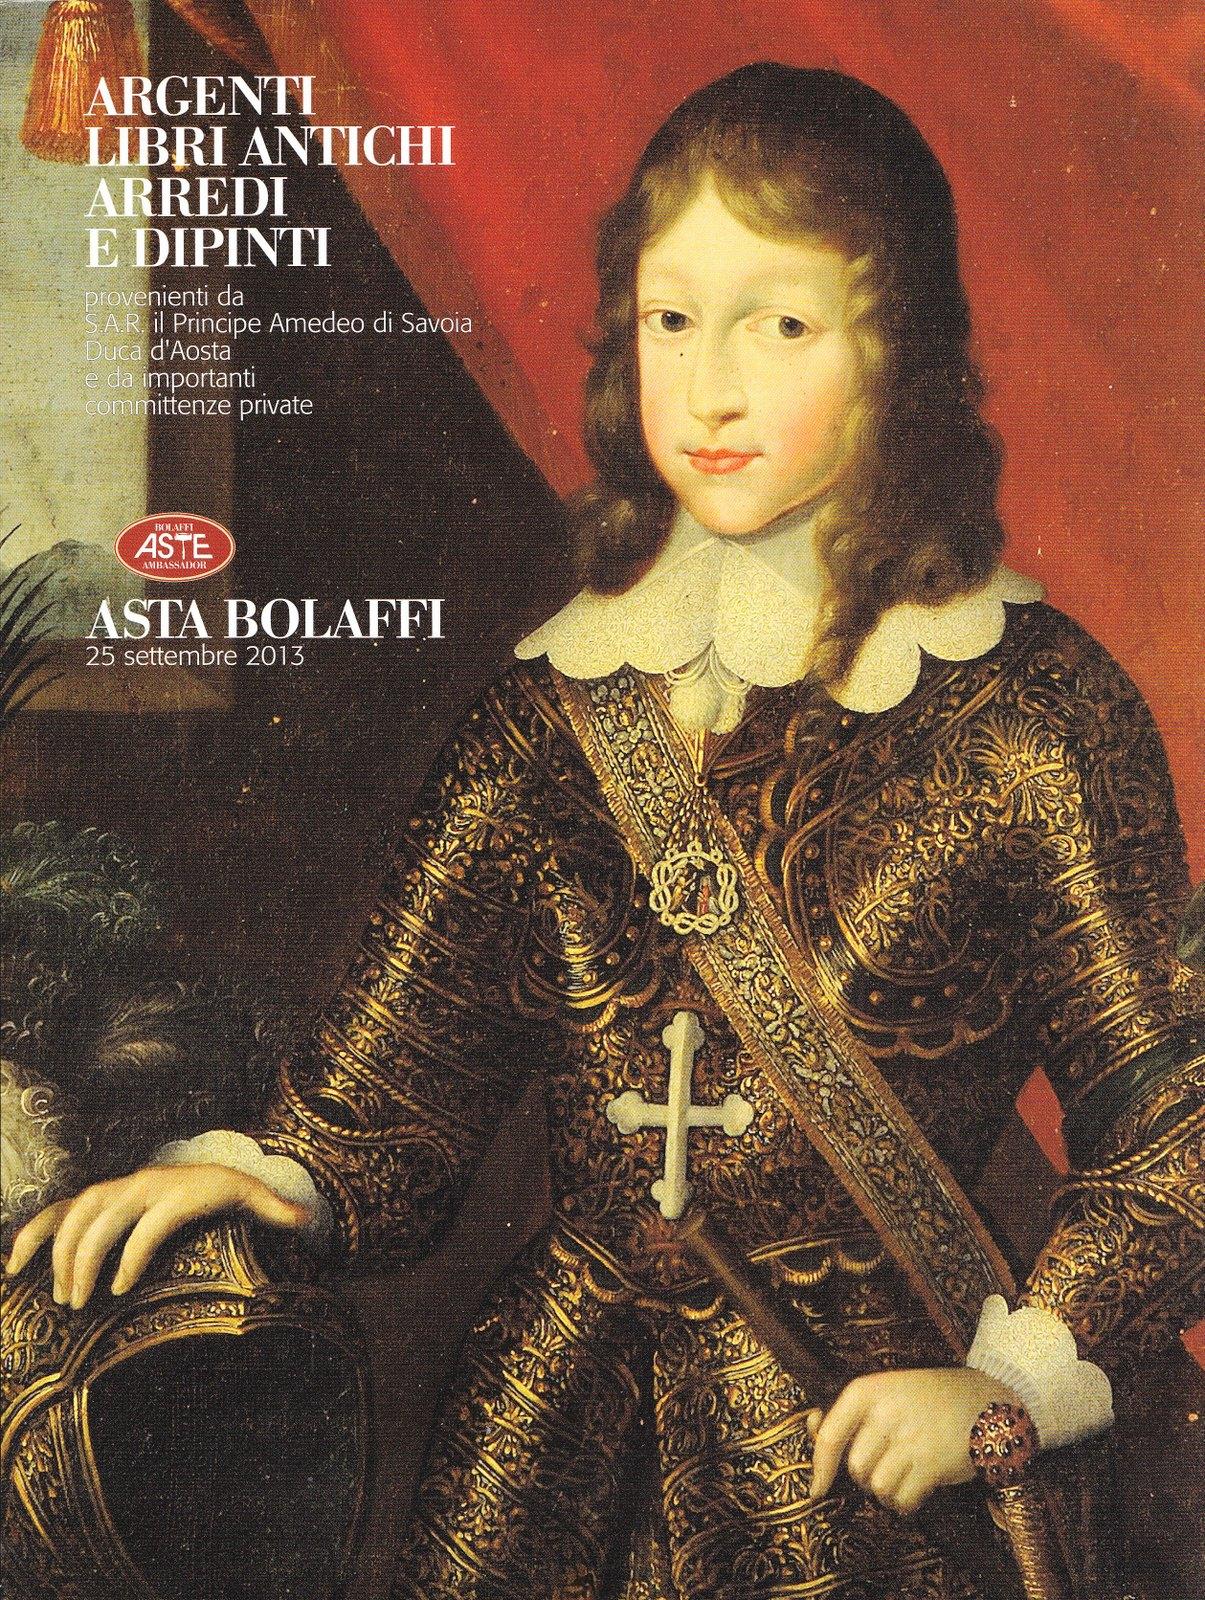 Argenti, libri antichi, arredi e dipinti provenienti da S.A.R. il principe Amedeo di Savoia duca d'Aosta e da importanti committenze private